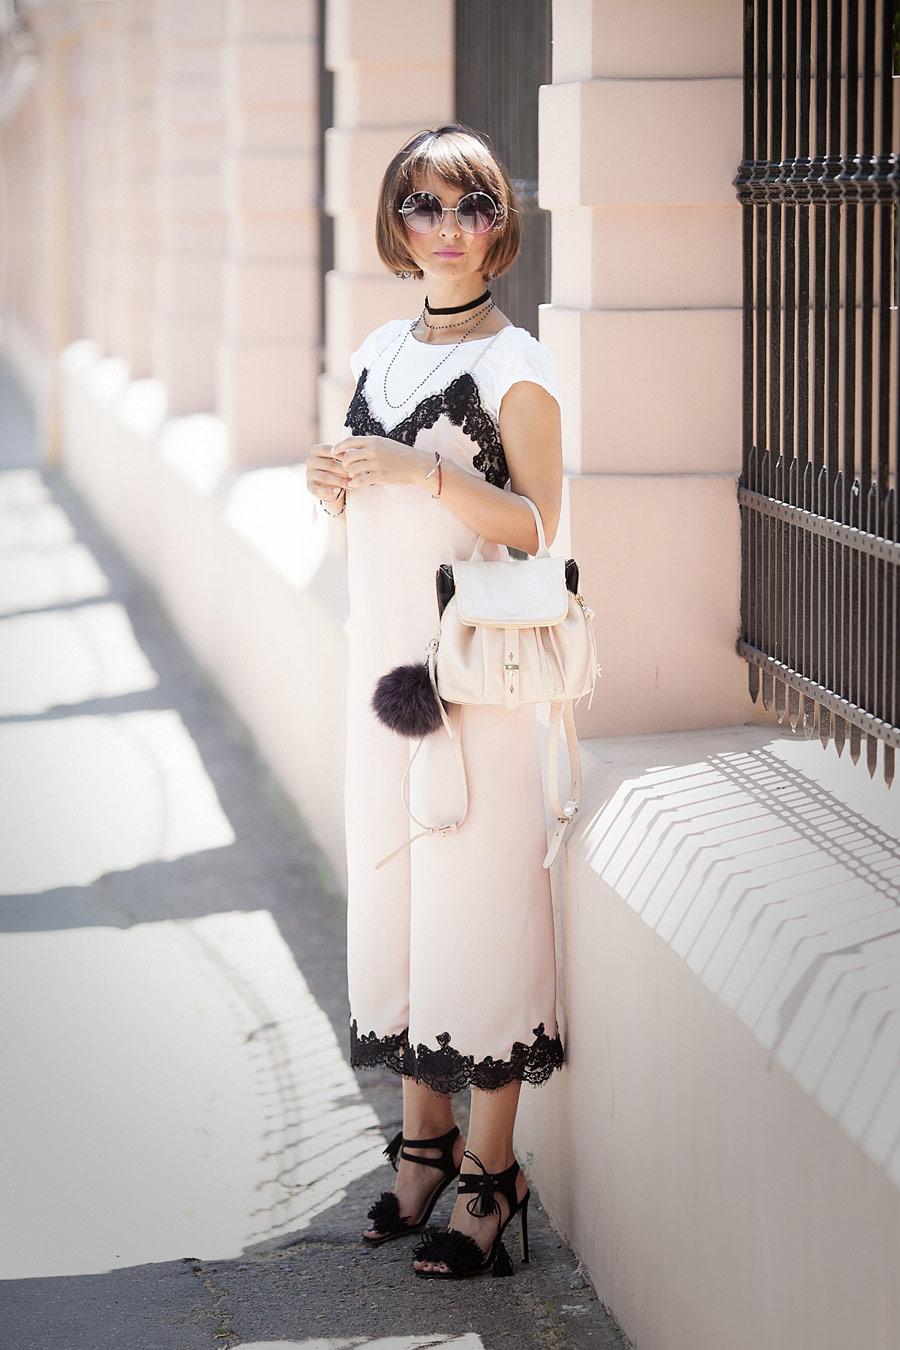 ASOS-Boudoir-Lace-Trim-Jumpsuit-outfit_nude-colors-outfit